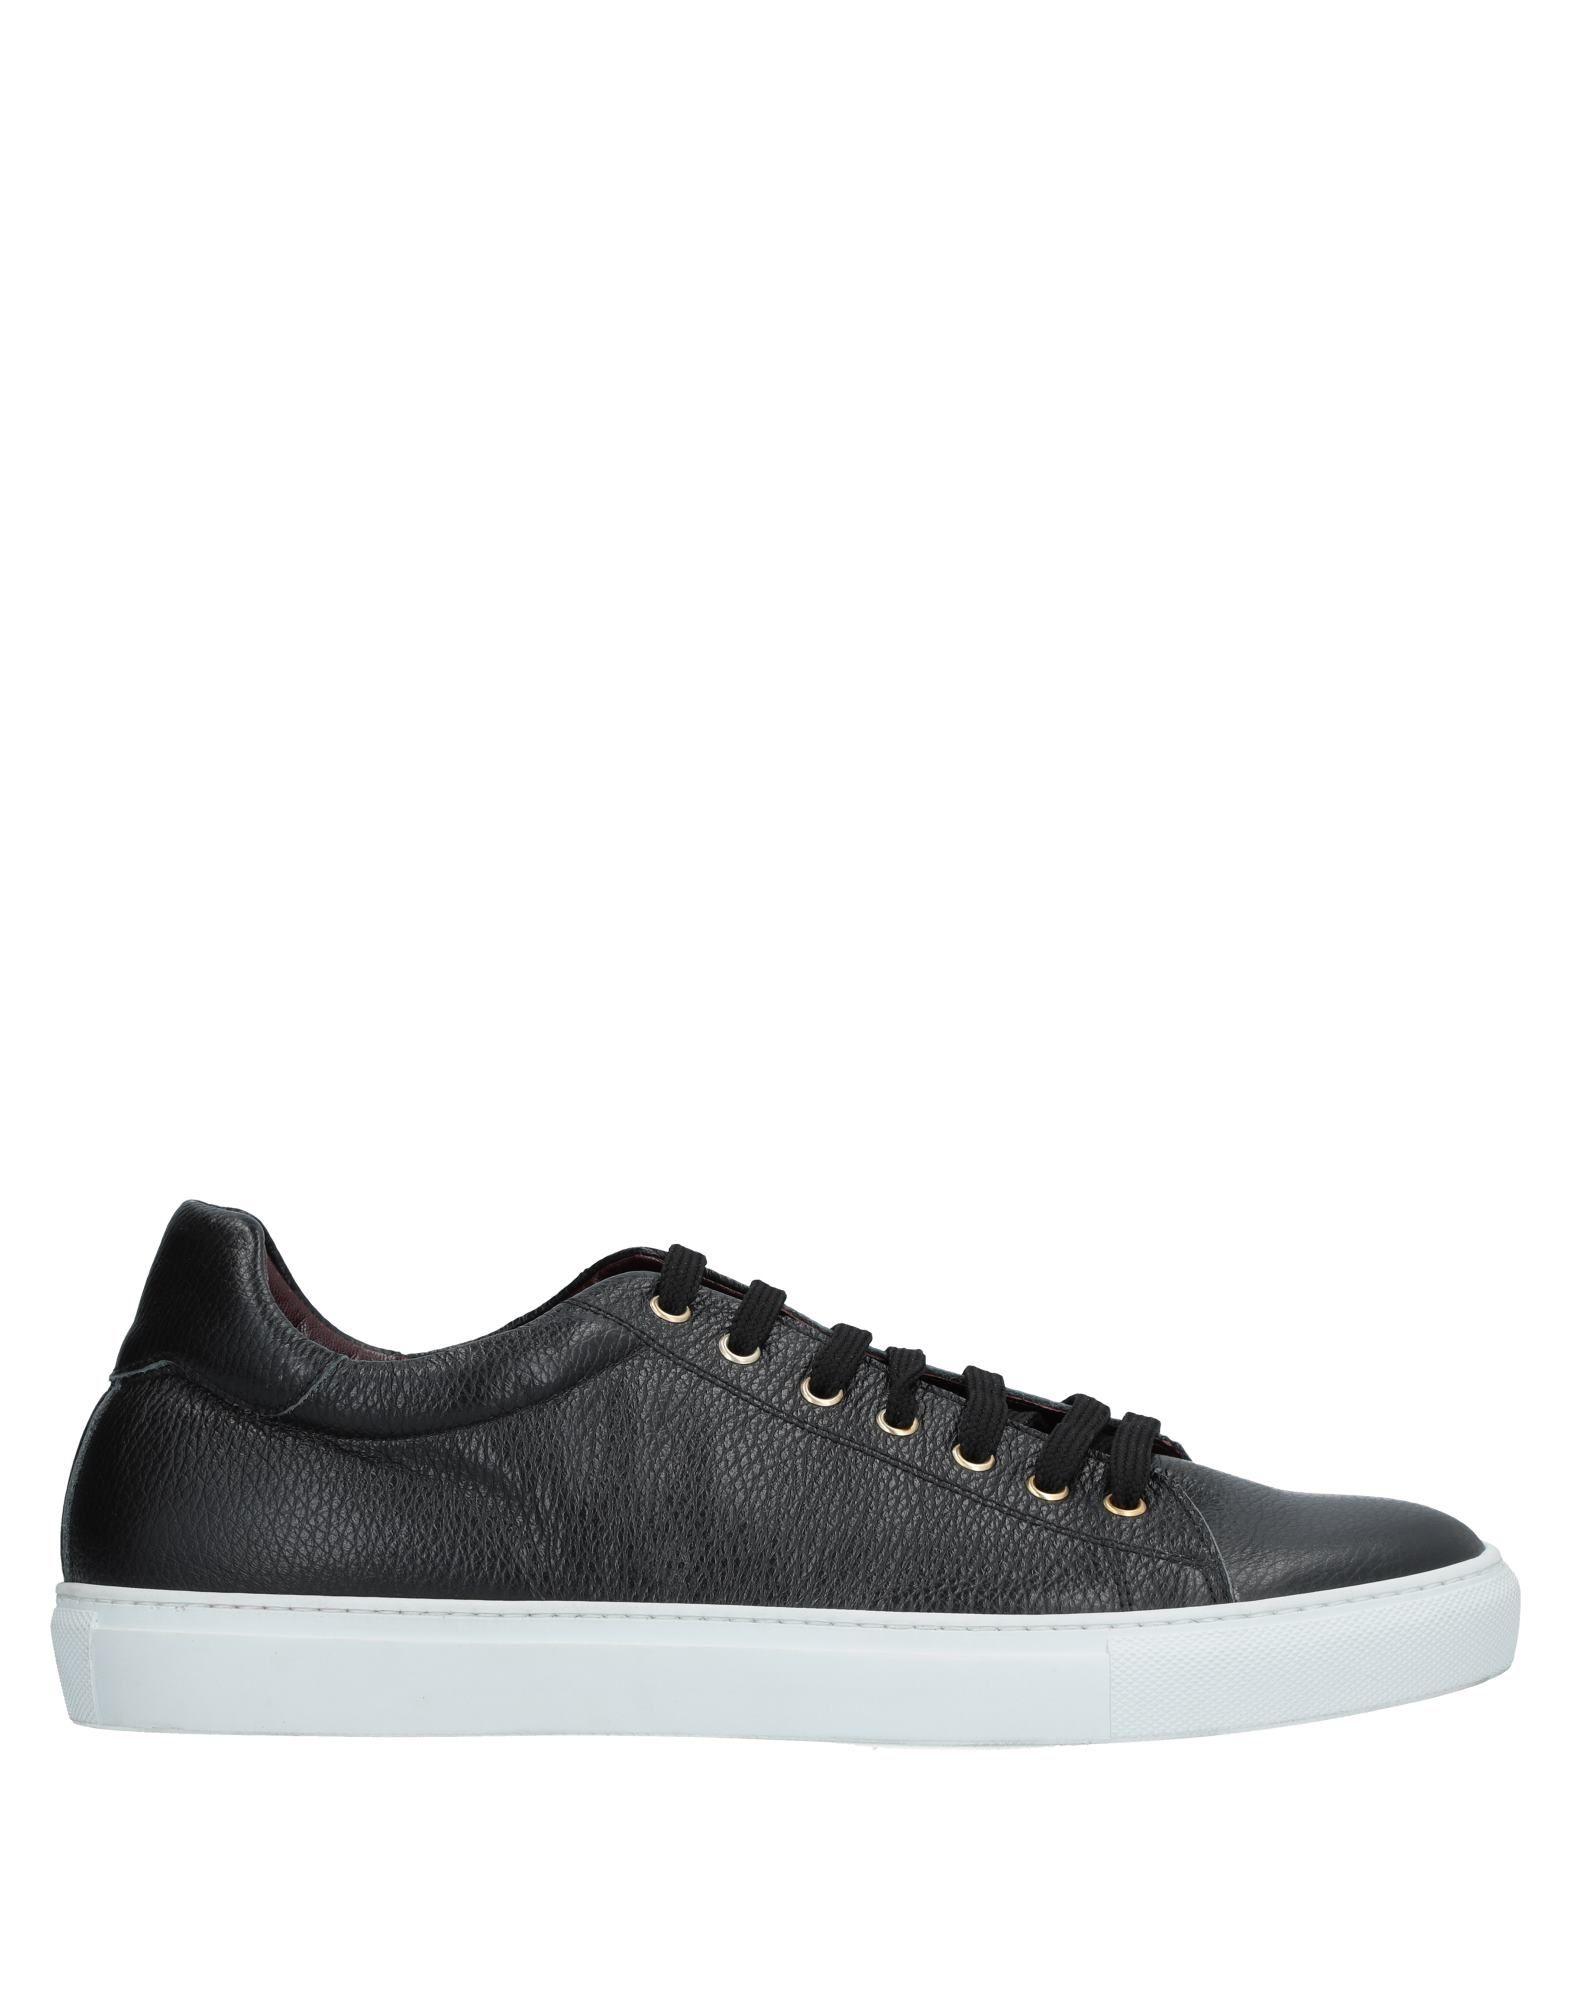 Sneakers Tsd12 Uomo - 11537433PJ Scarpe economiche e buone